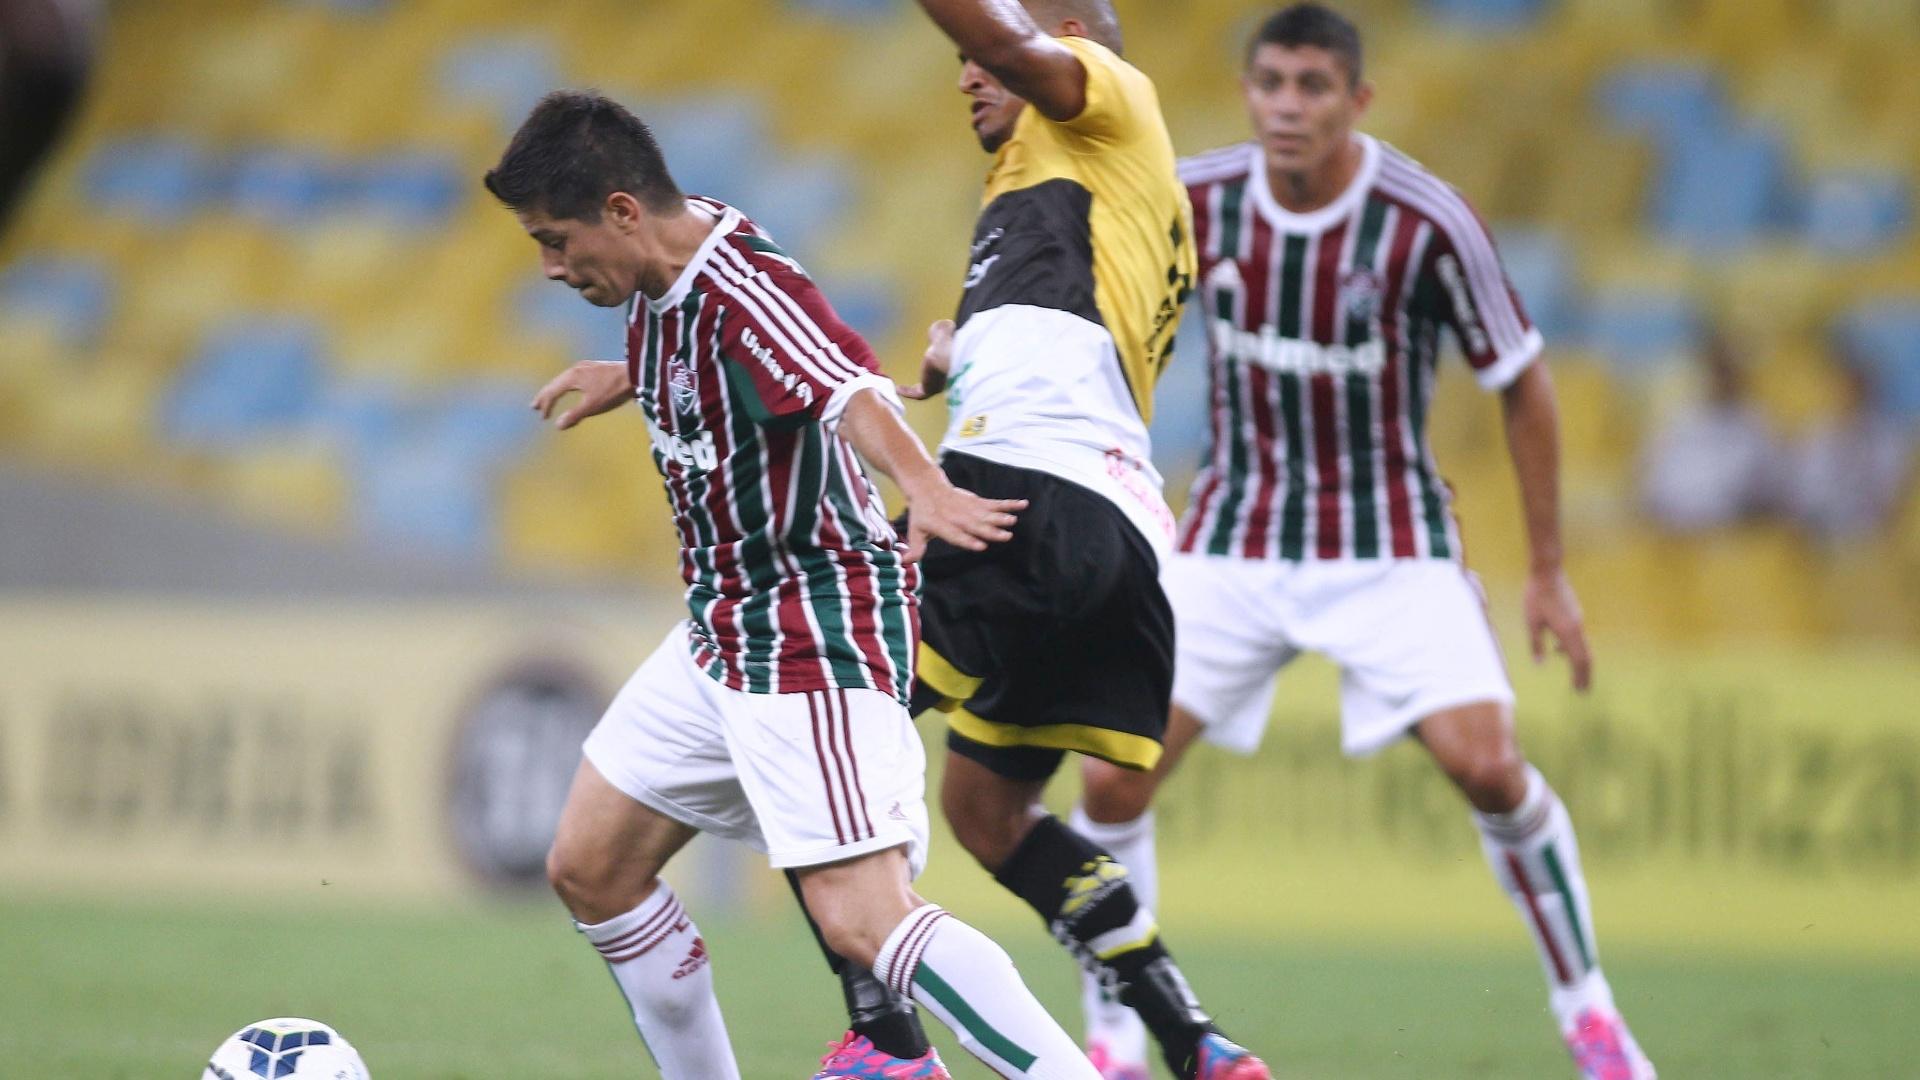 Conca marcou o terceiro gol do Fluminense, colocando o time carioca em boa vantagem